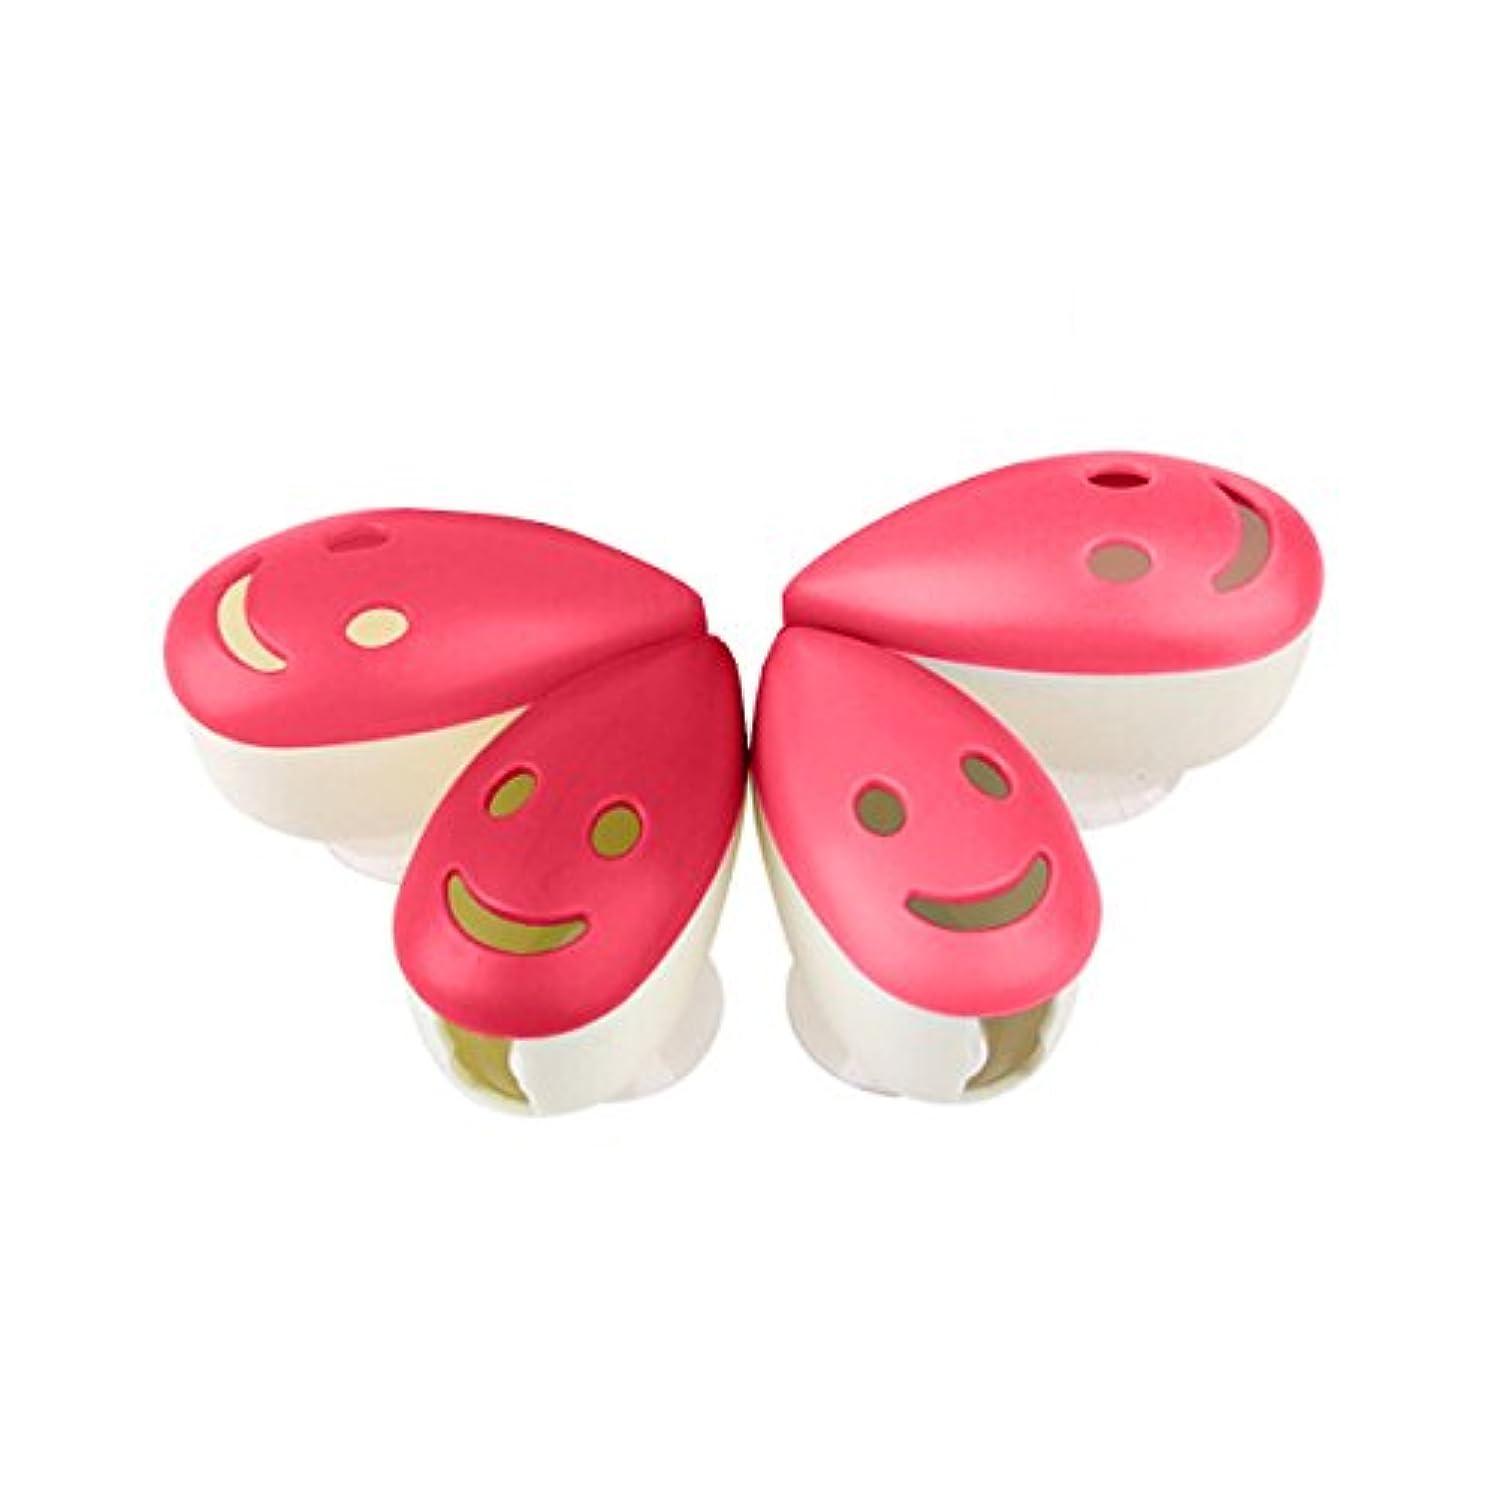 権限を与えるバン効果的にROSENICE 歯ブラシケース4個のスマイルフェイス抗菌歯ブラシホルダーサクションカップ(混合色)